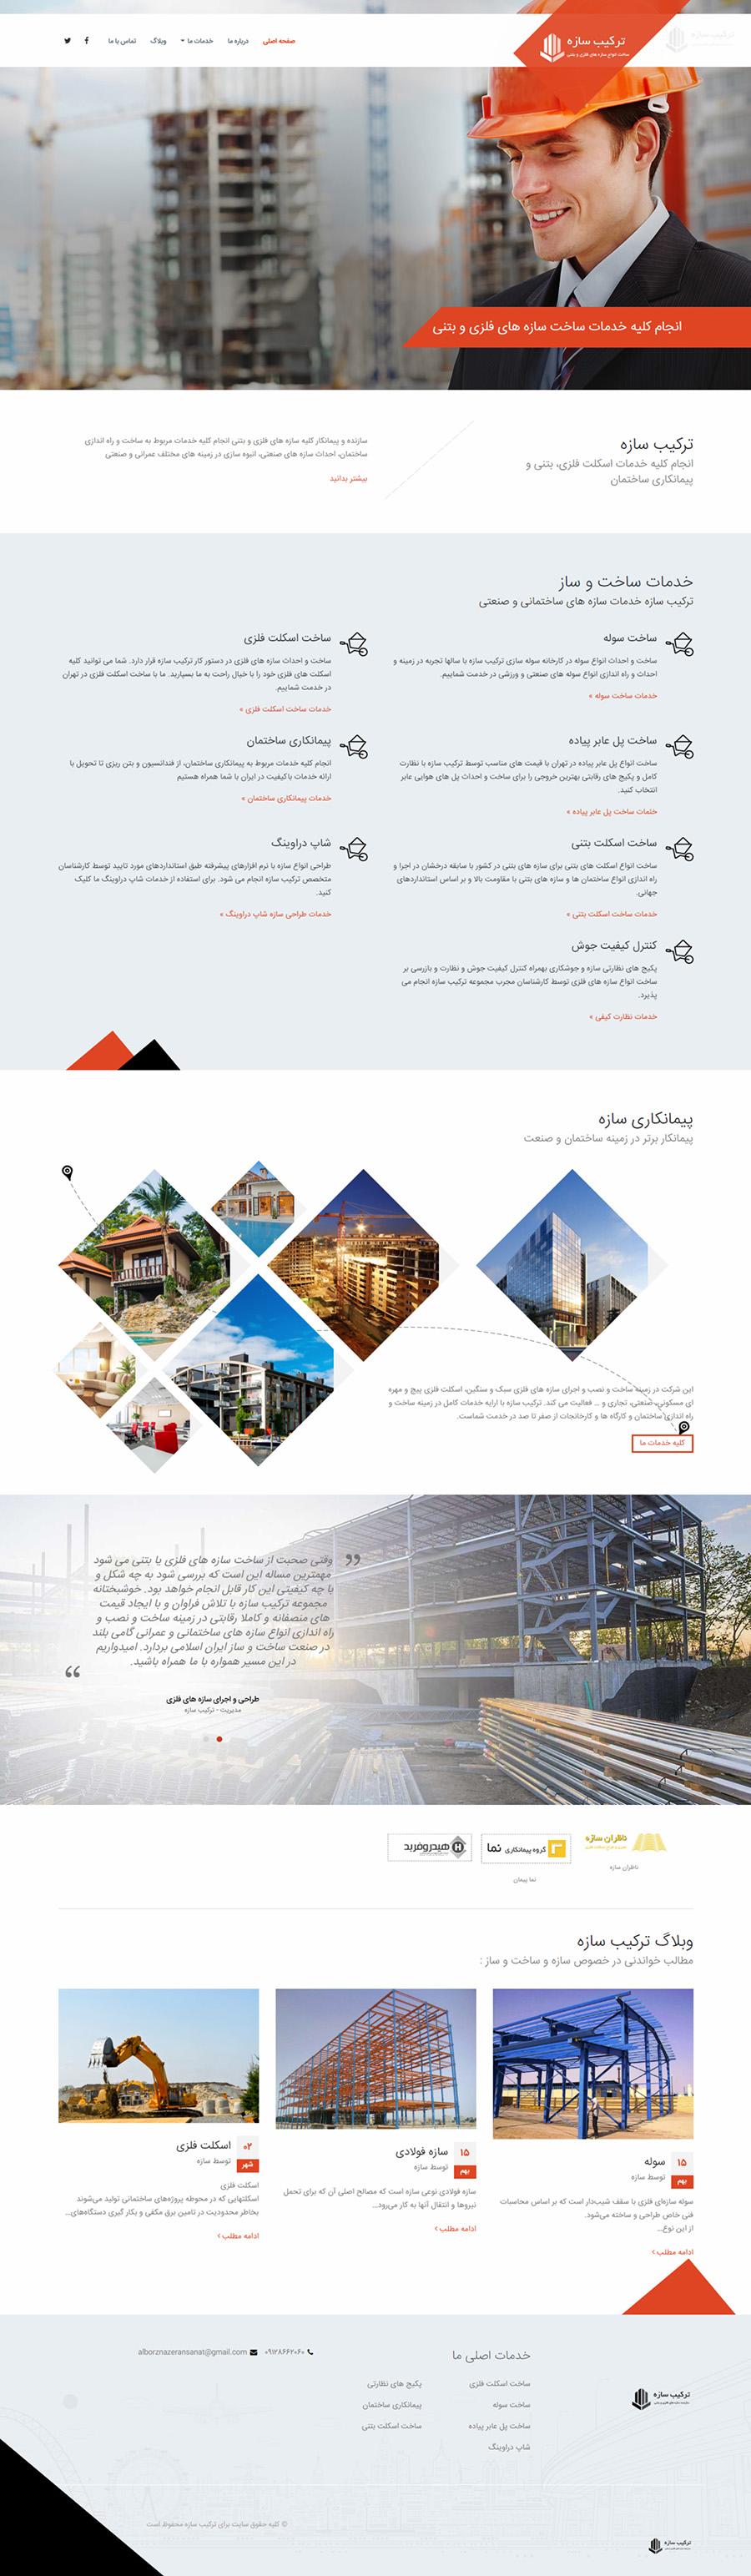 طراحی سایت ساختمانی ترکیب سازه